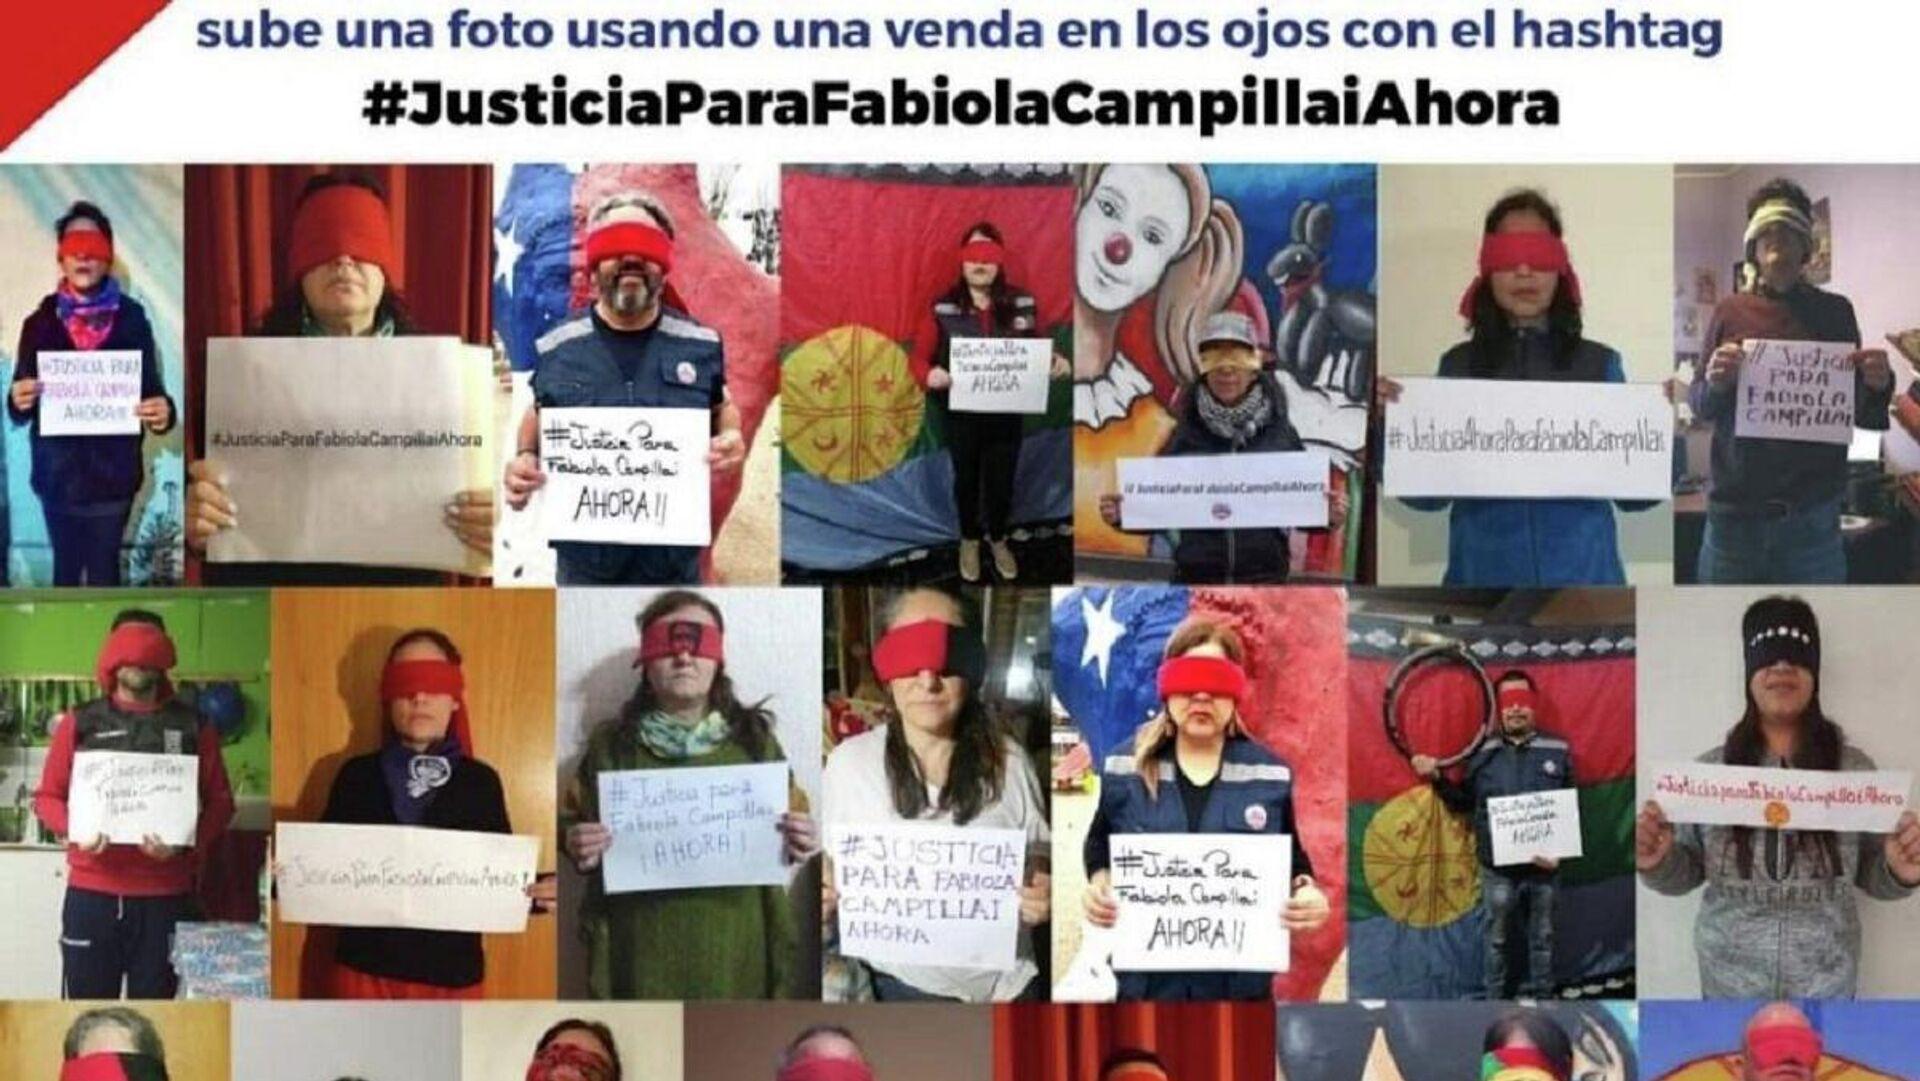 Campaña por justicia para Fabiola Campillai en redes sociales - Sputnik Mundo, 1920, 14.06.2021